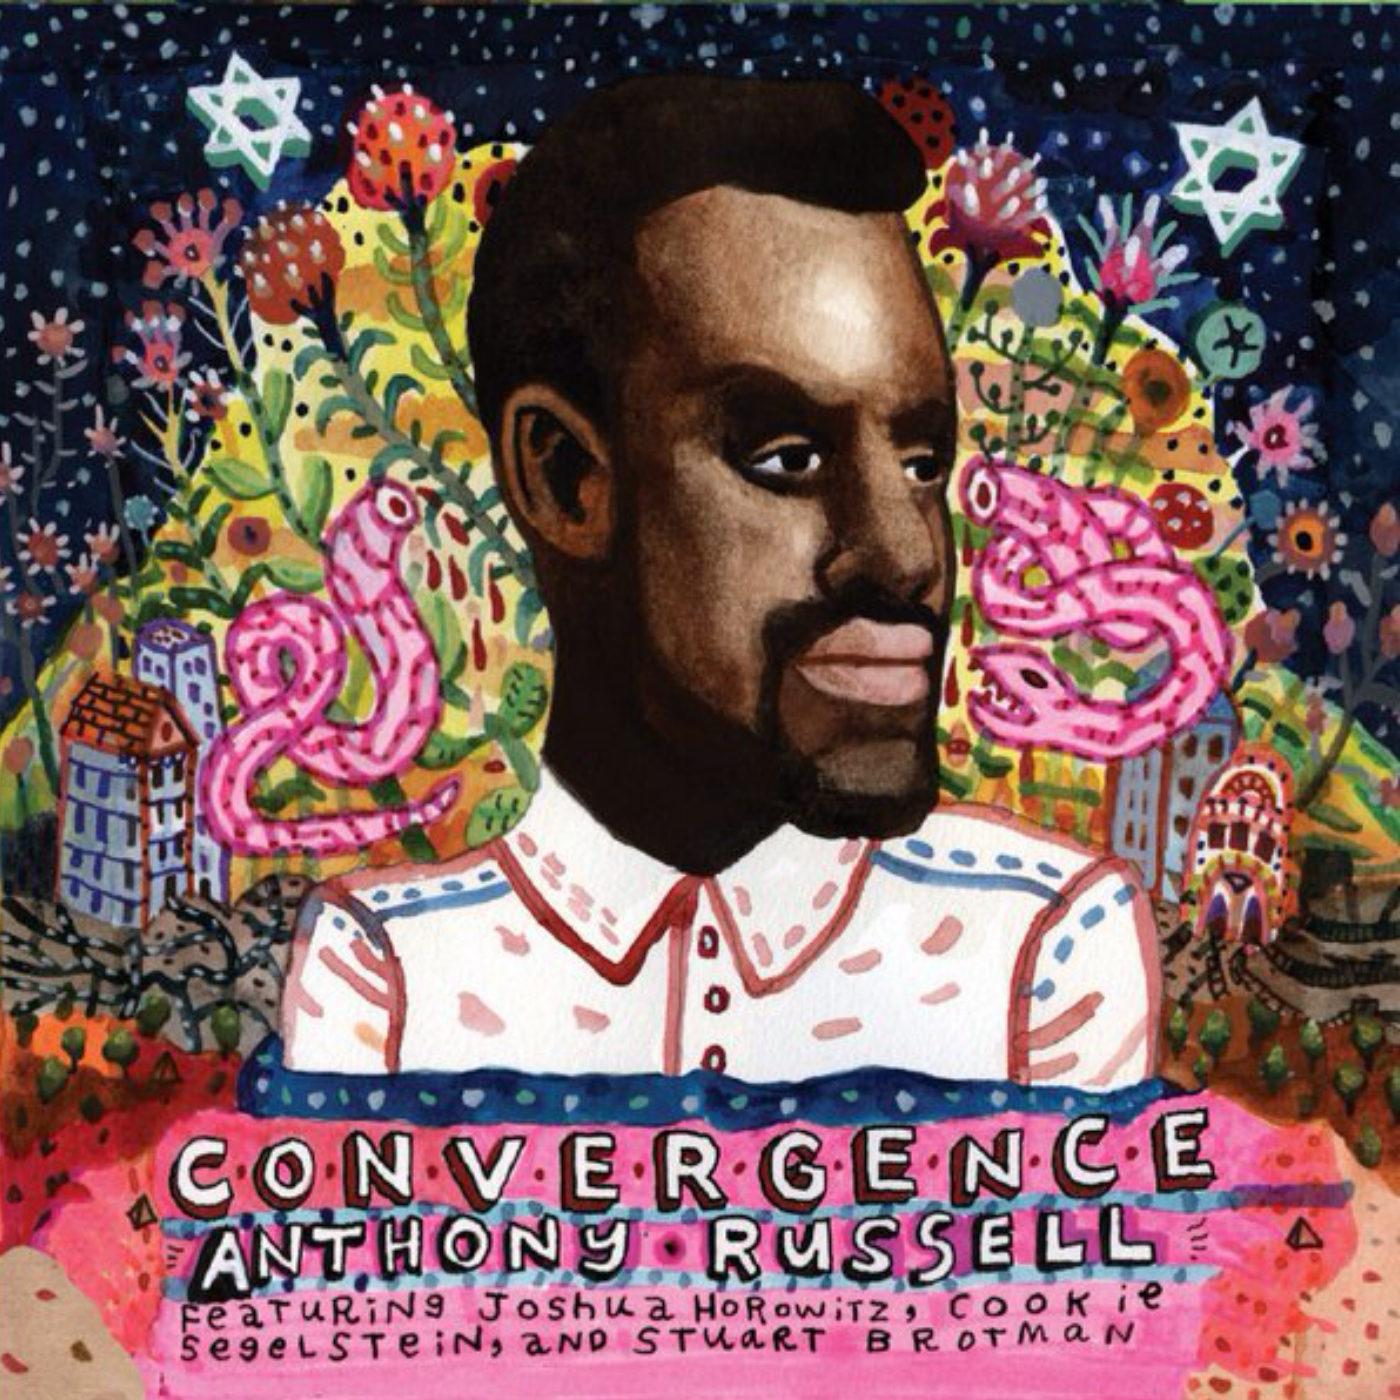 <p>Cover art from the album&nbsp;<em>Convergence</em></p>